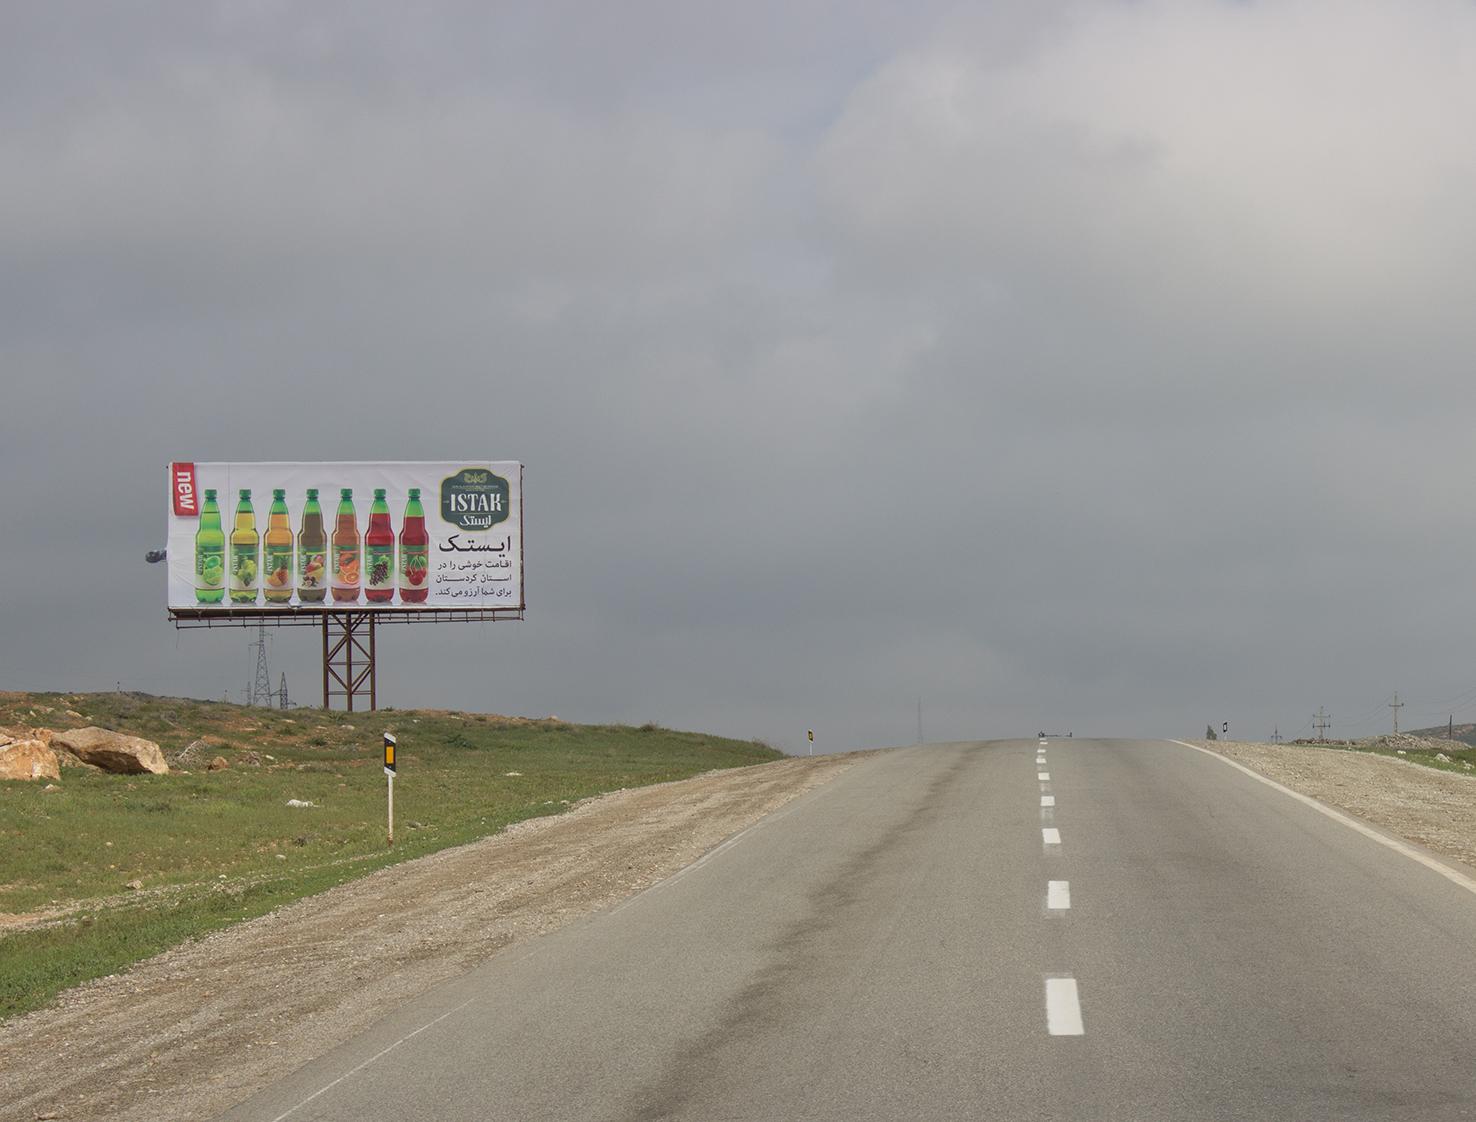 بیلبورد تبلیغاتی محور دیواندره ، سقز کیلومتر ۱۰ جنب روستای ظفر آباد